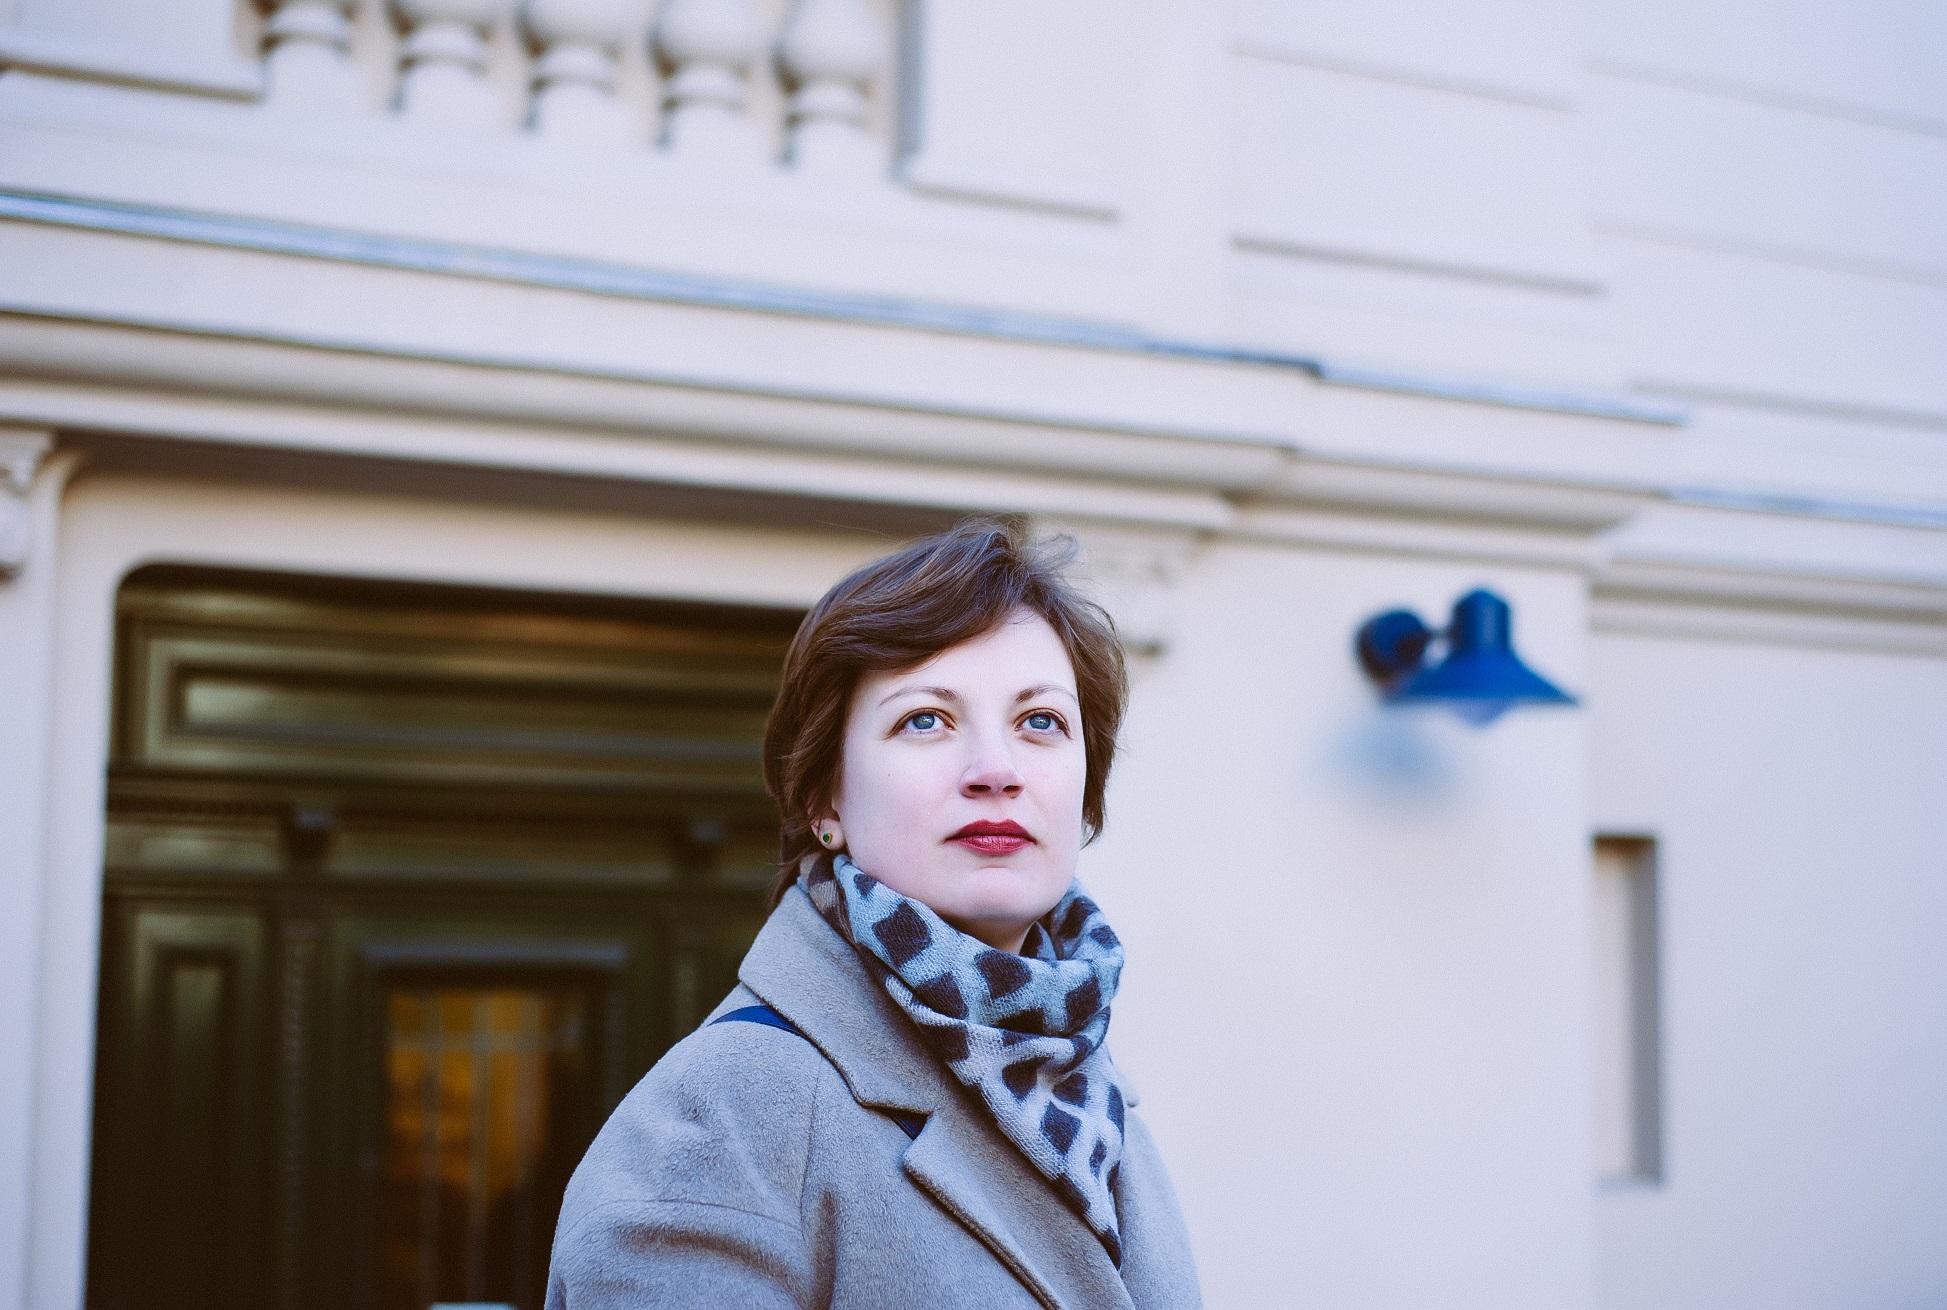 Юлия Вишке гид по Берлину литературные путешествия - Вдохновить на роман